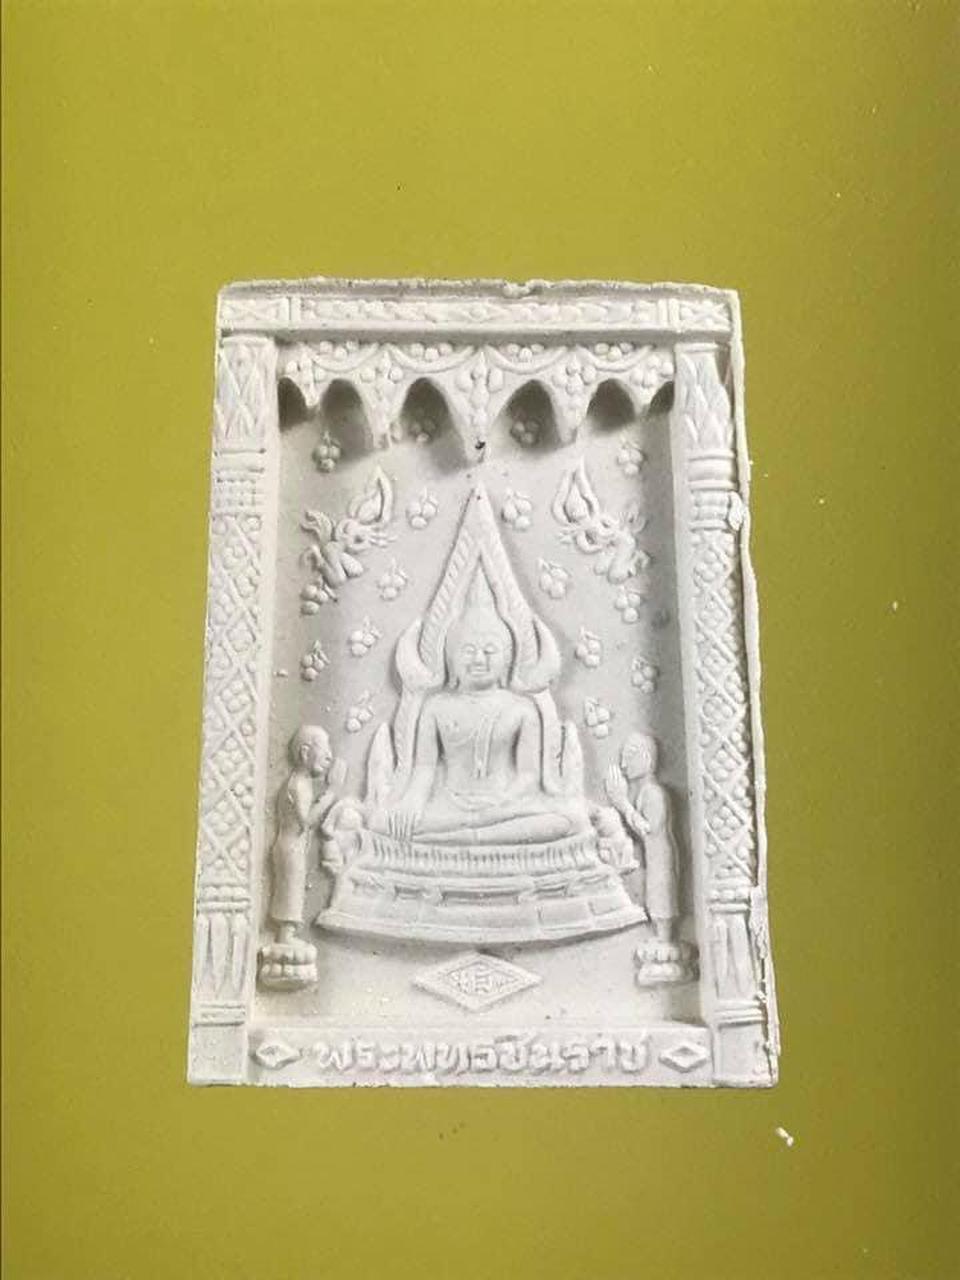 พระพุทธชินราชเนื้อผง รุ่นวิสาขบารมี ปี 2534 หลวงปู่บุดดา ถาวโร รูปที่ 1